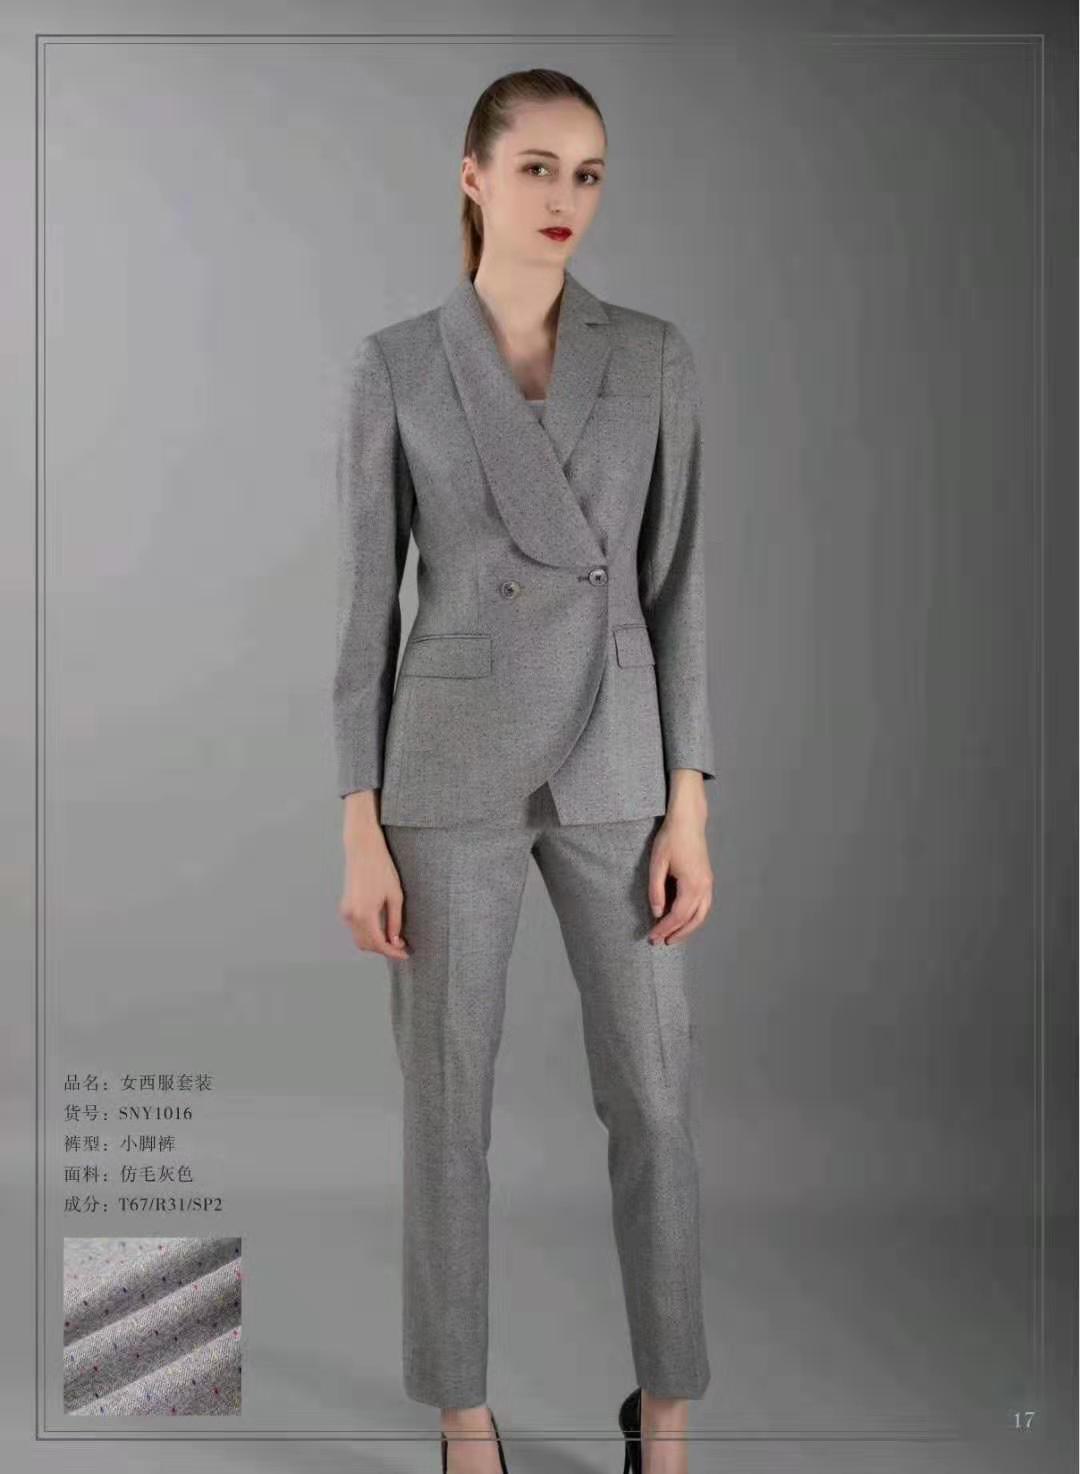 灰色不对称领型知性套装女装私人订制